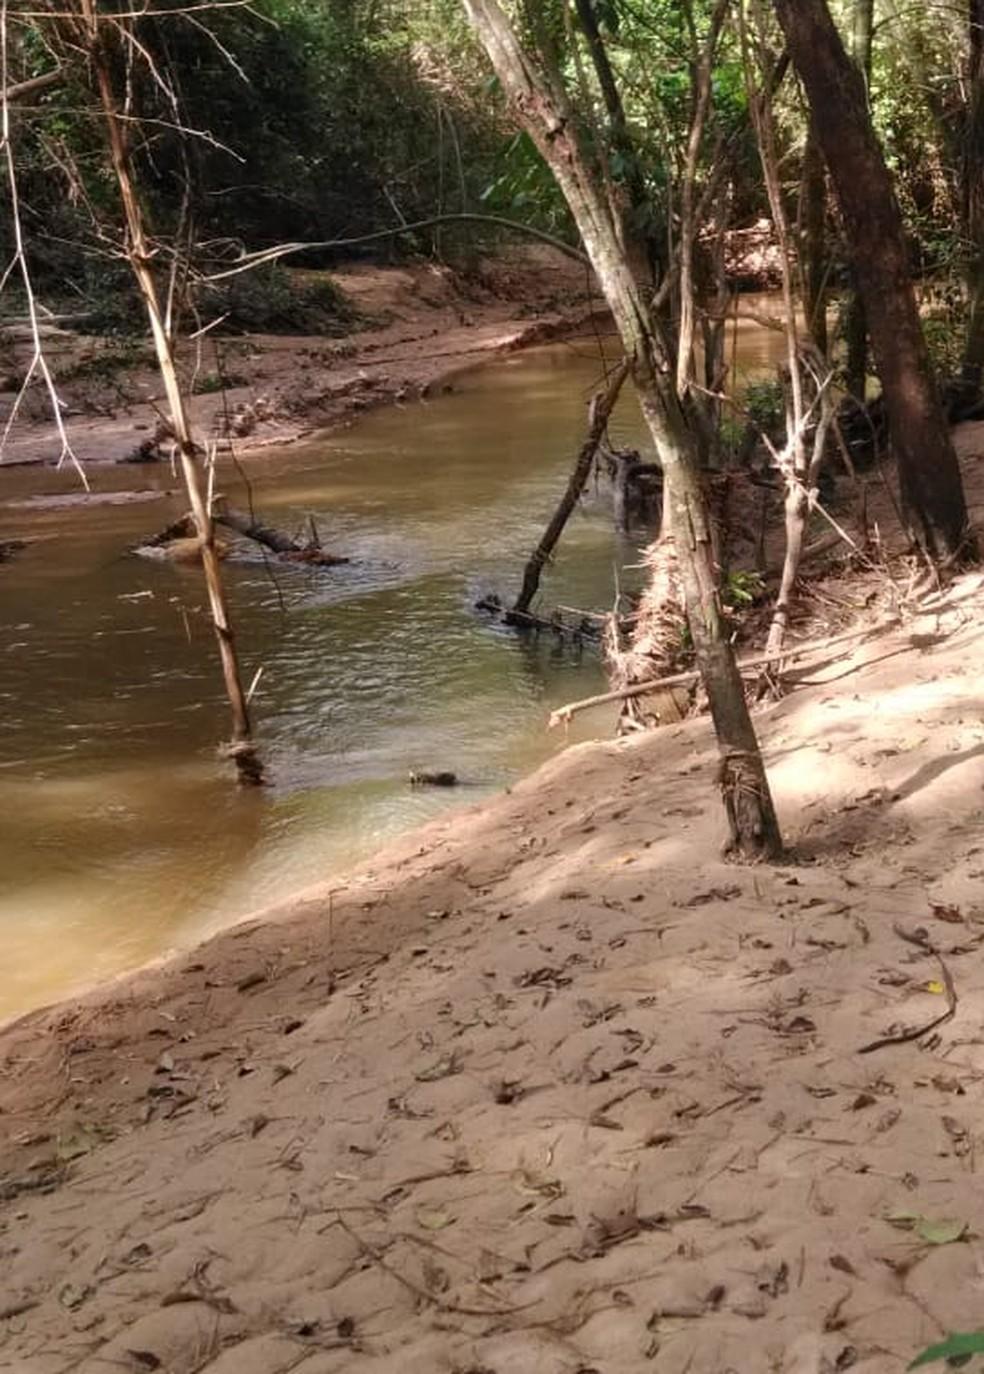 Pontos do Rio Santo Anastácio sofrem com o assoreamento — Foto: André Gonçalves Vieira/Semea